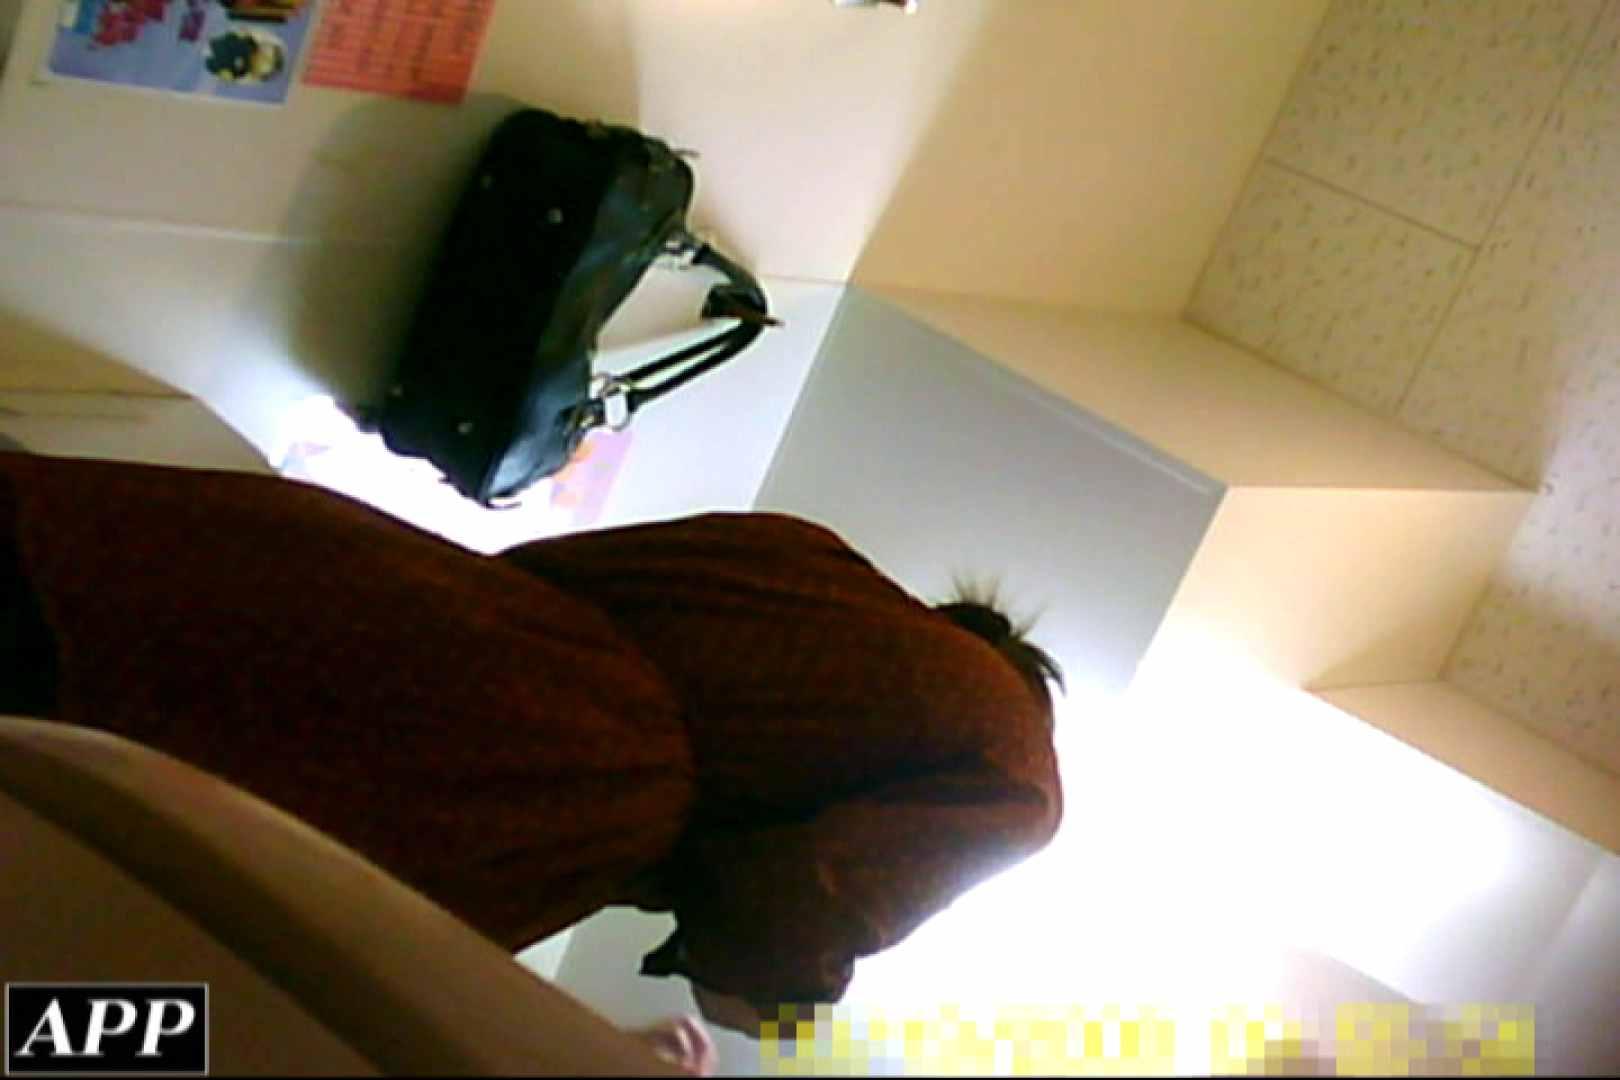 3視点洗面所 vol.137 オマンコ大好き AV動画キャプチャ 86画像 82